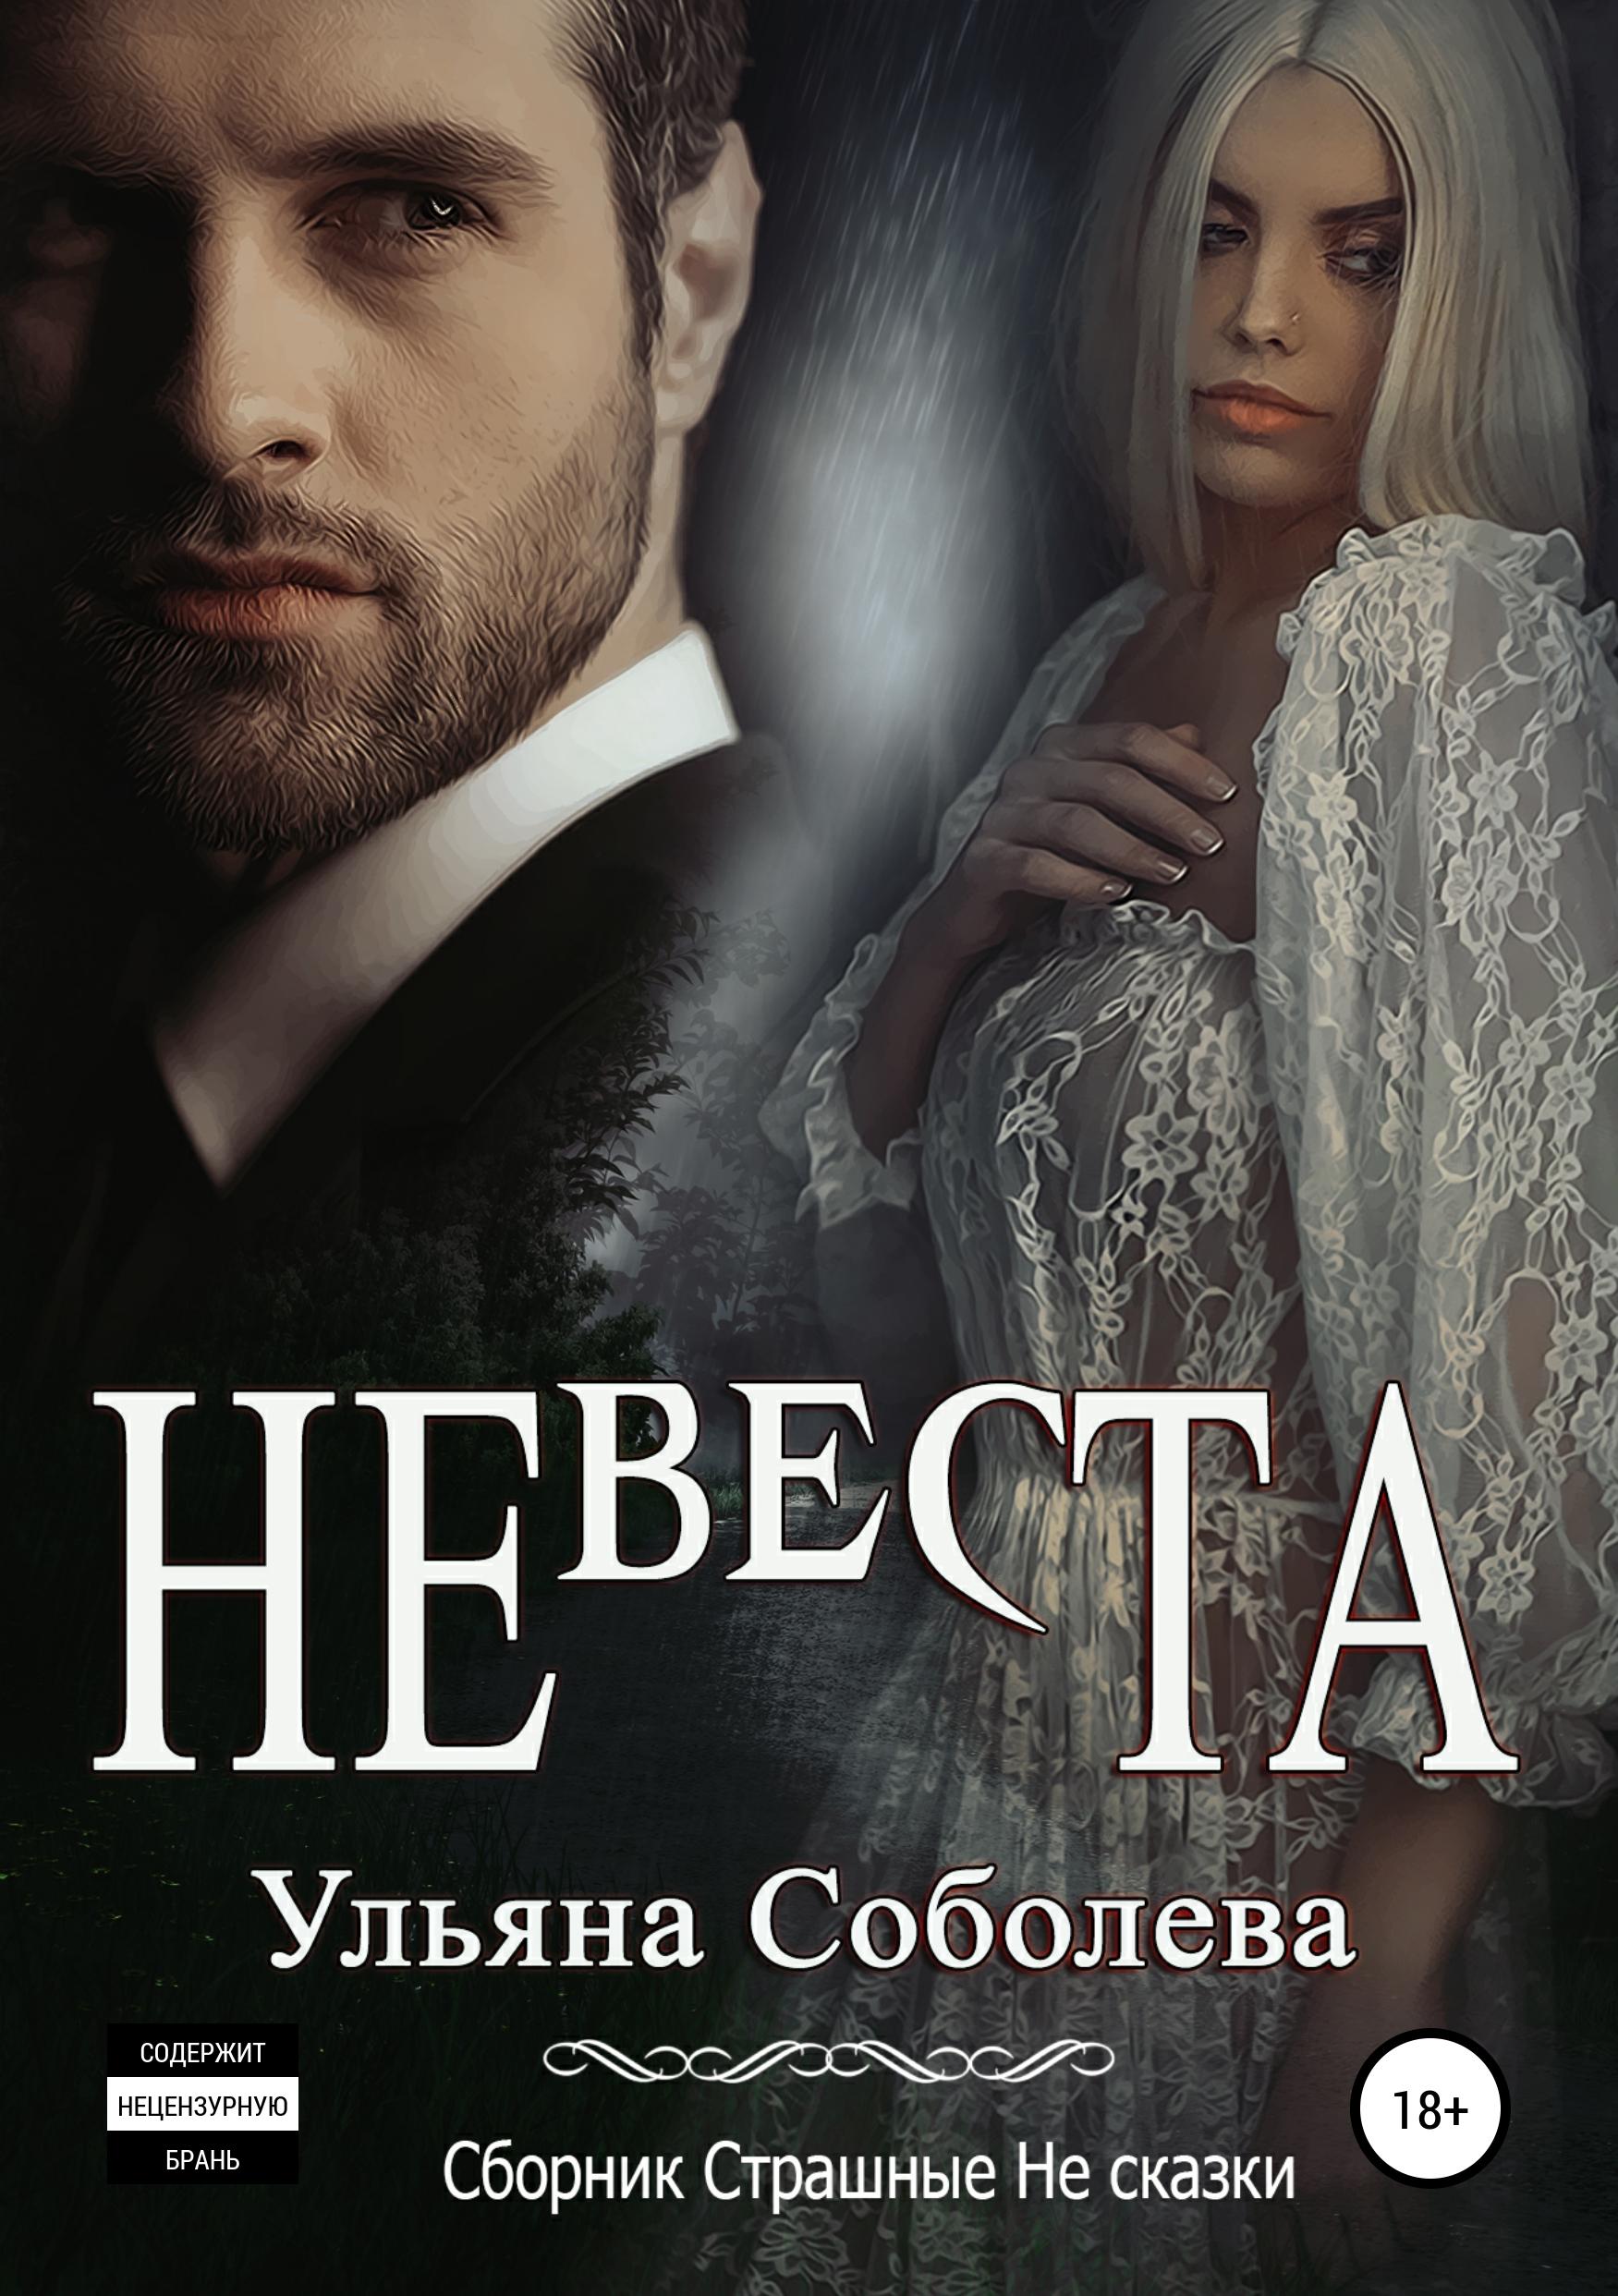 Ульяна Павловна Соболева Невеста пять историй про любовь